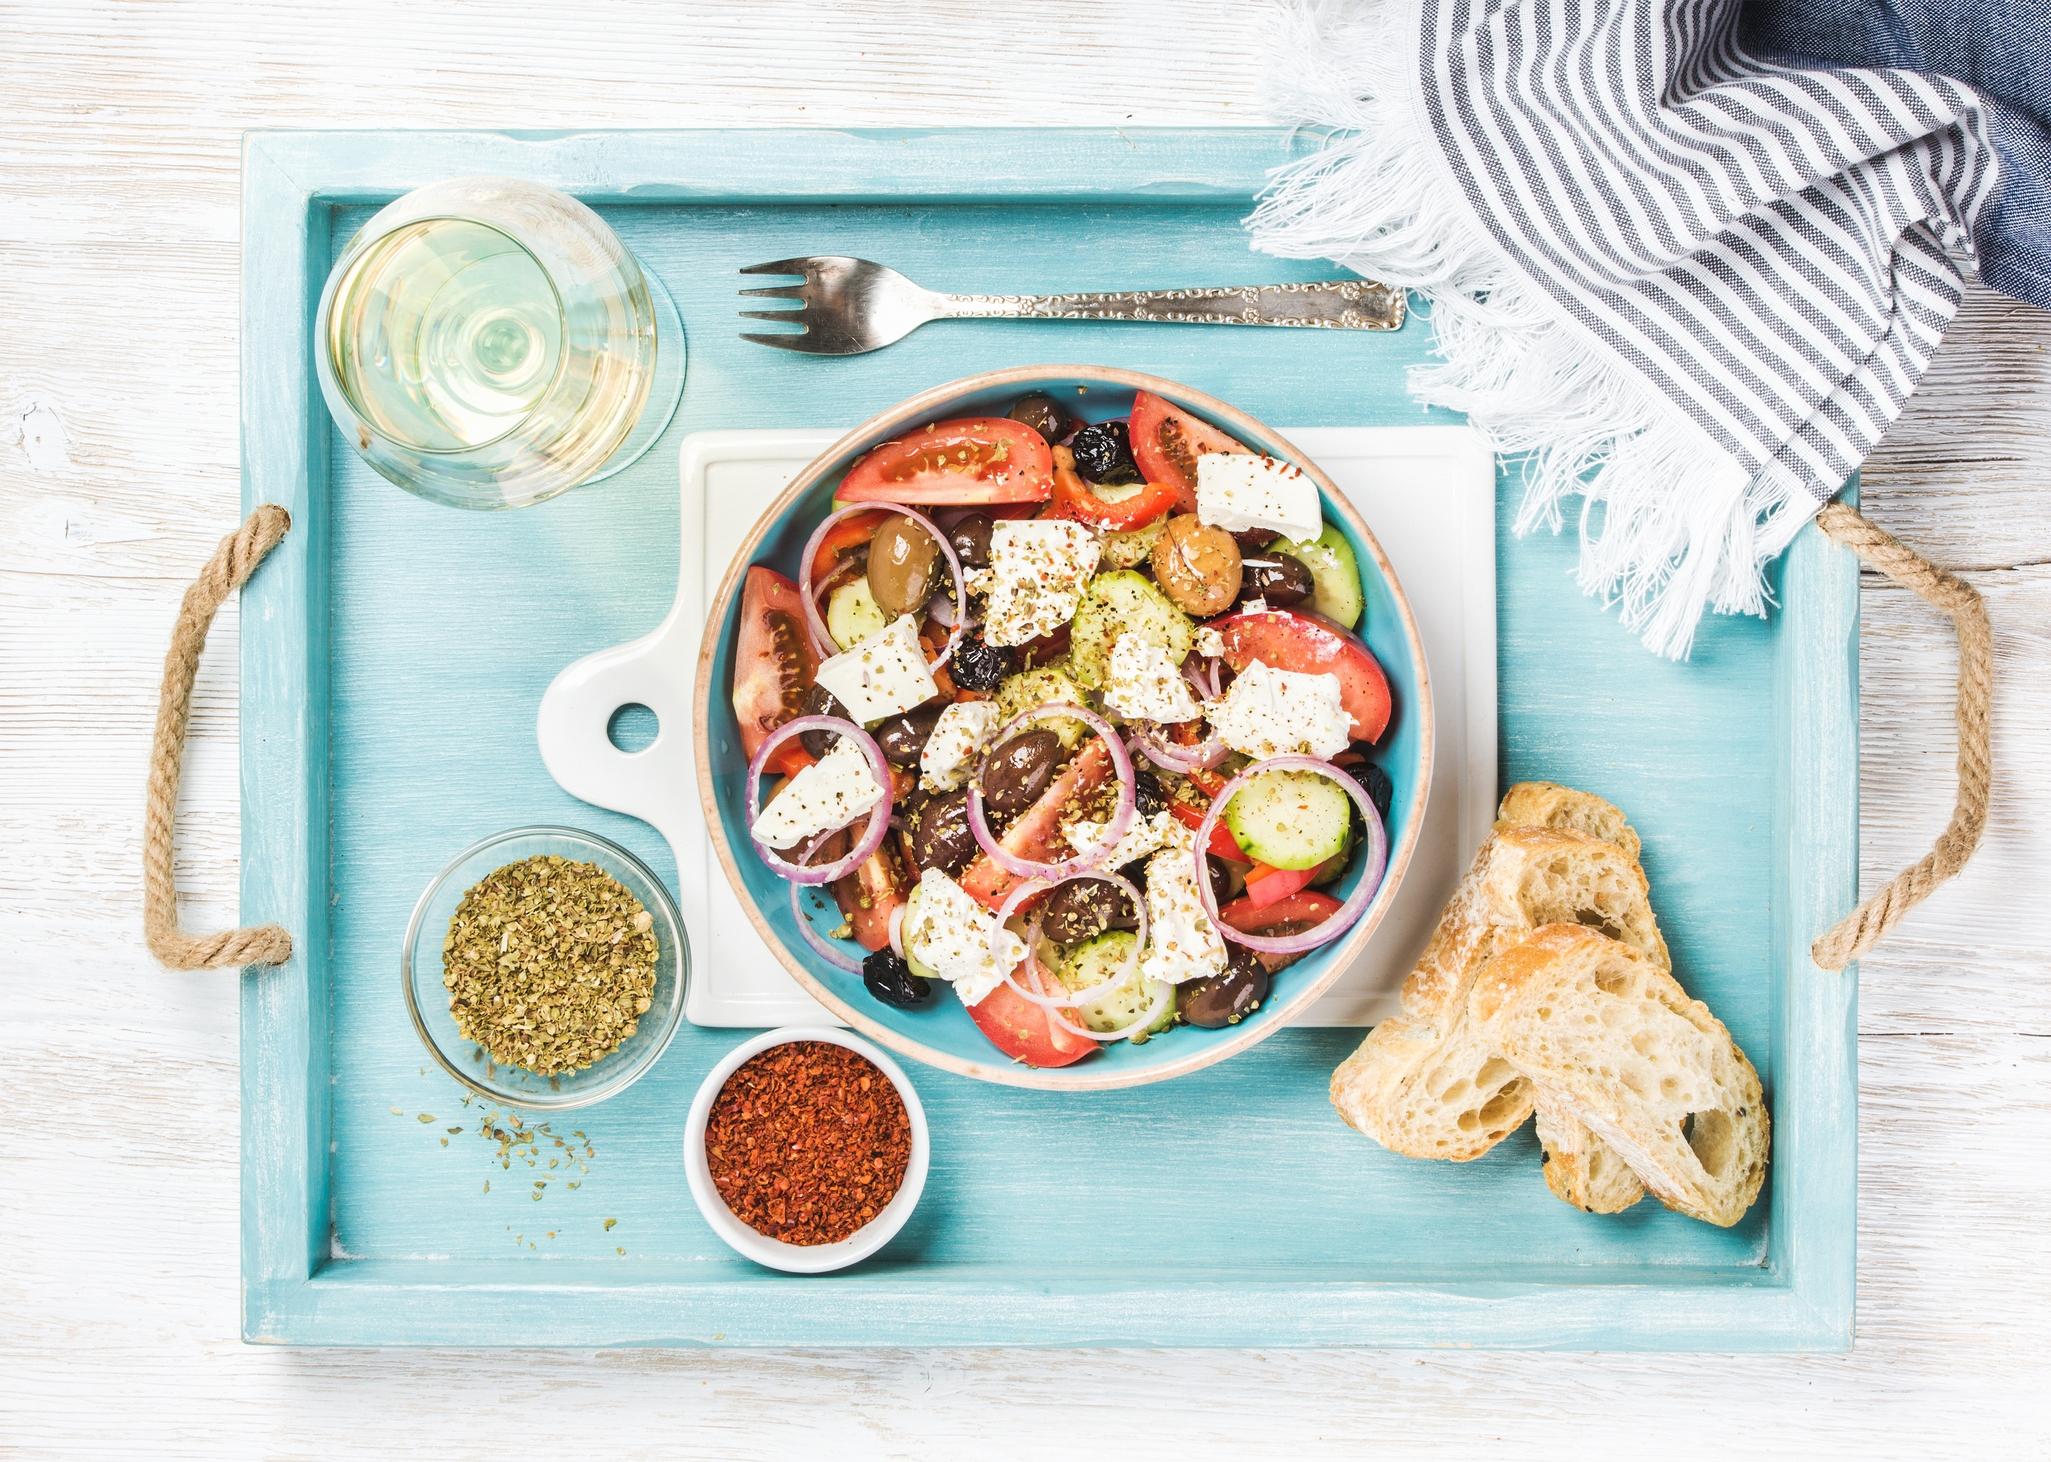 salade grecque diète méditerranéenne